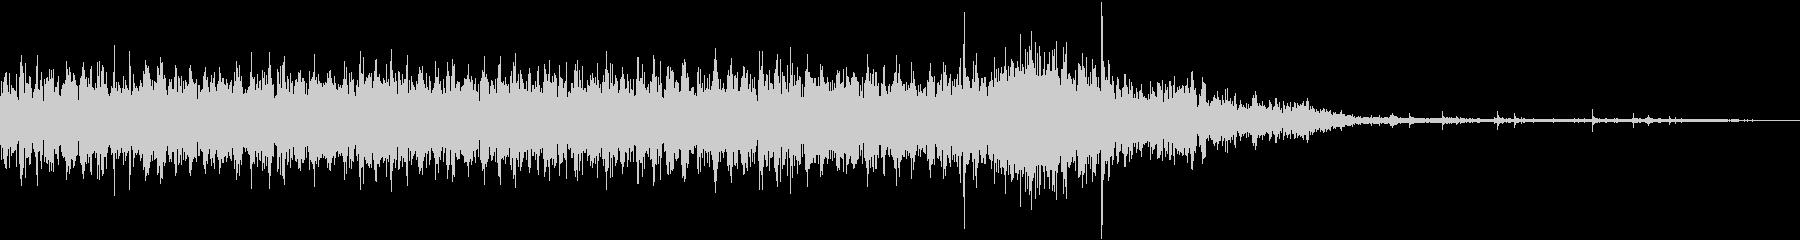 映写機の音_停止音の未再生の波形